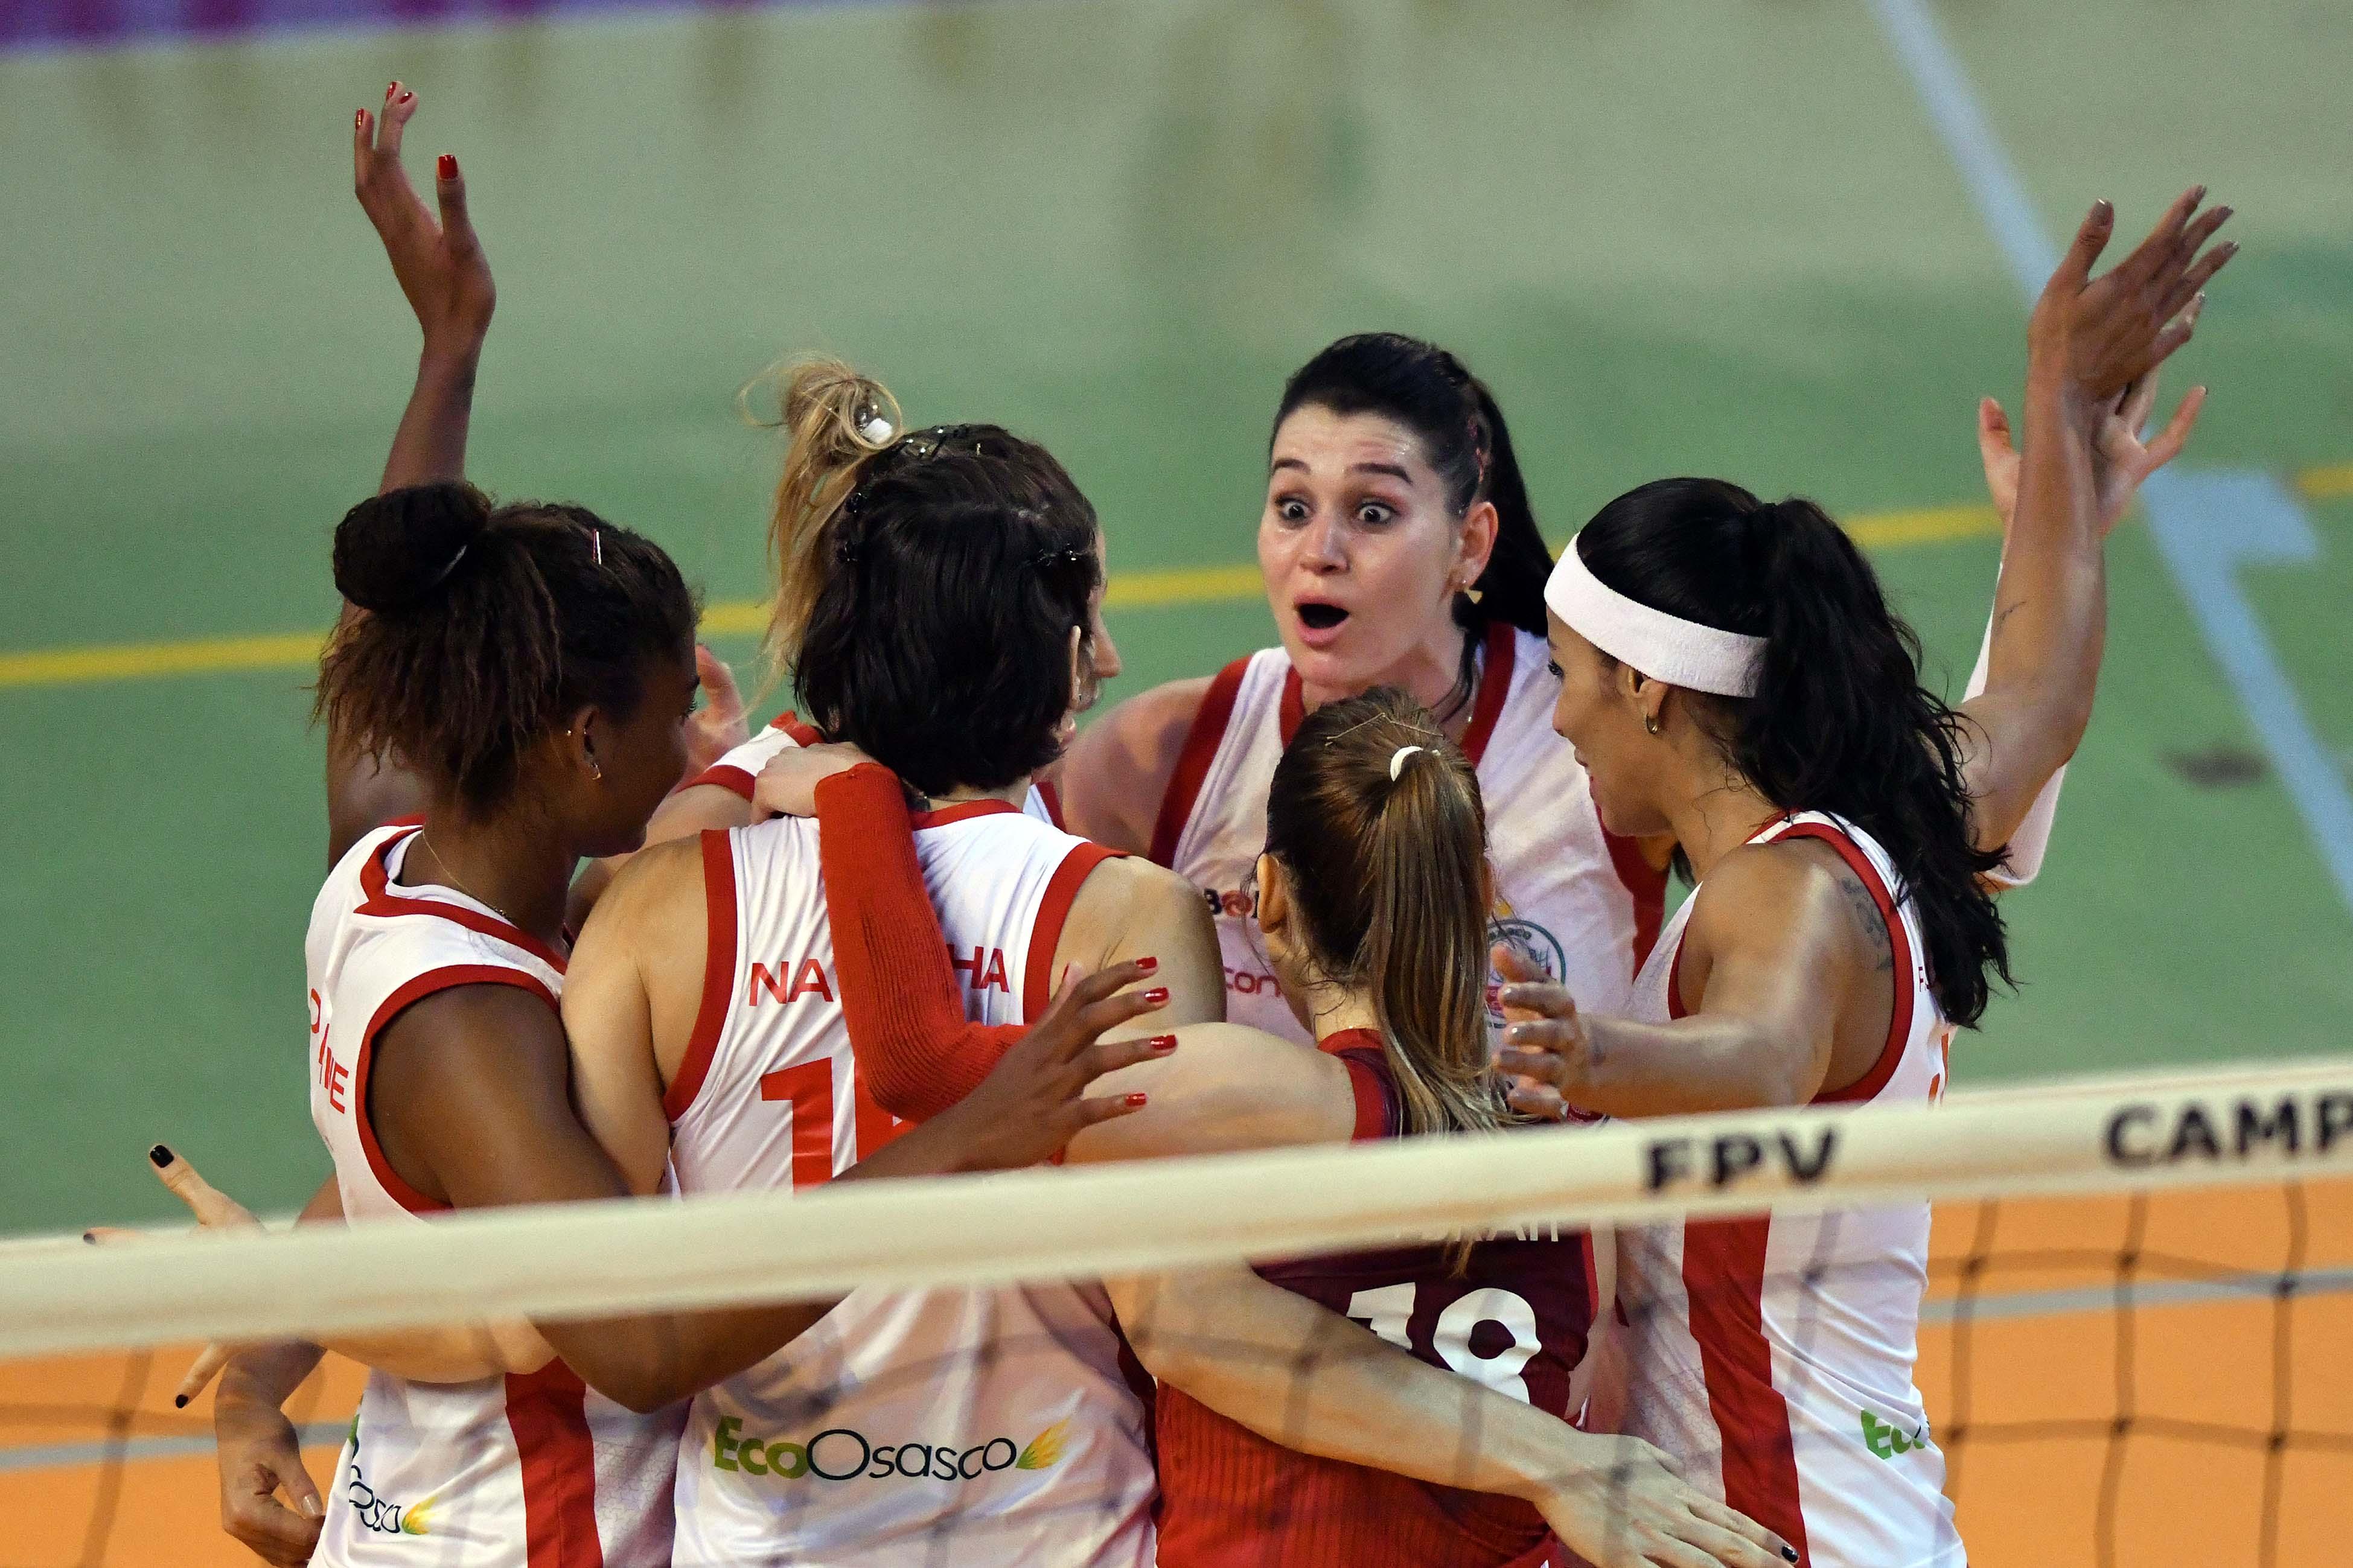 Com 20 pontos de Lorenne, Vôlei Osasco-Audax conquista segunda vitória consecutiva no Paulista